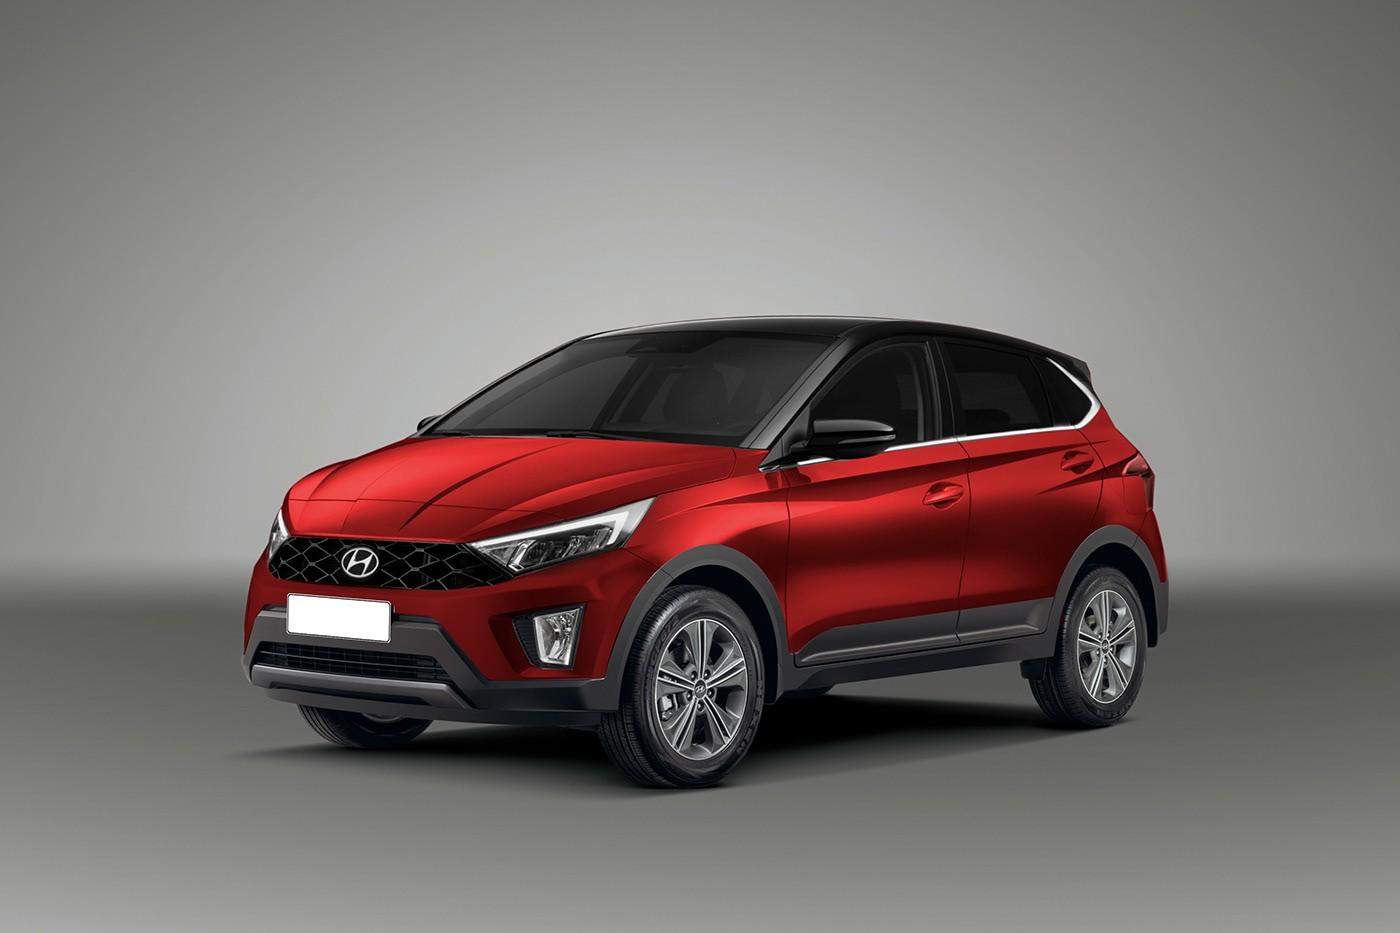 2021 Hyundai I20 Performance and New Engine